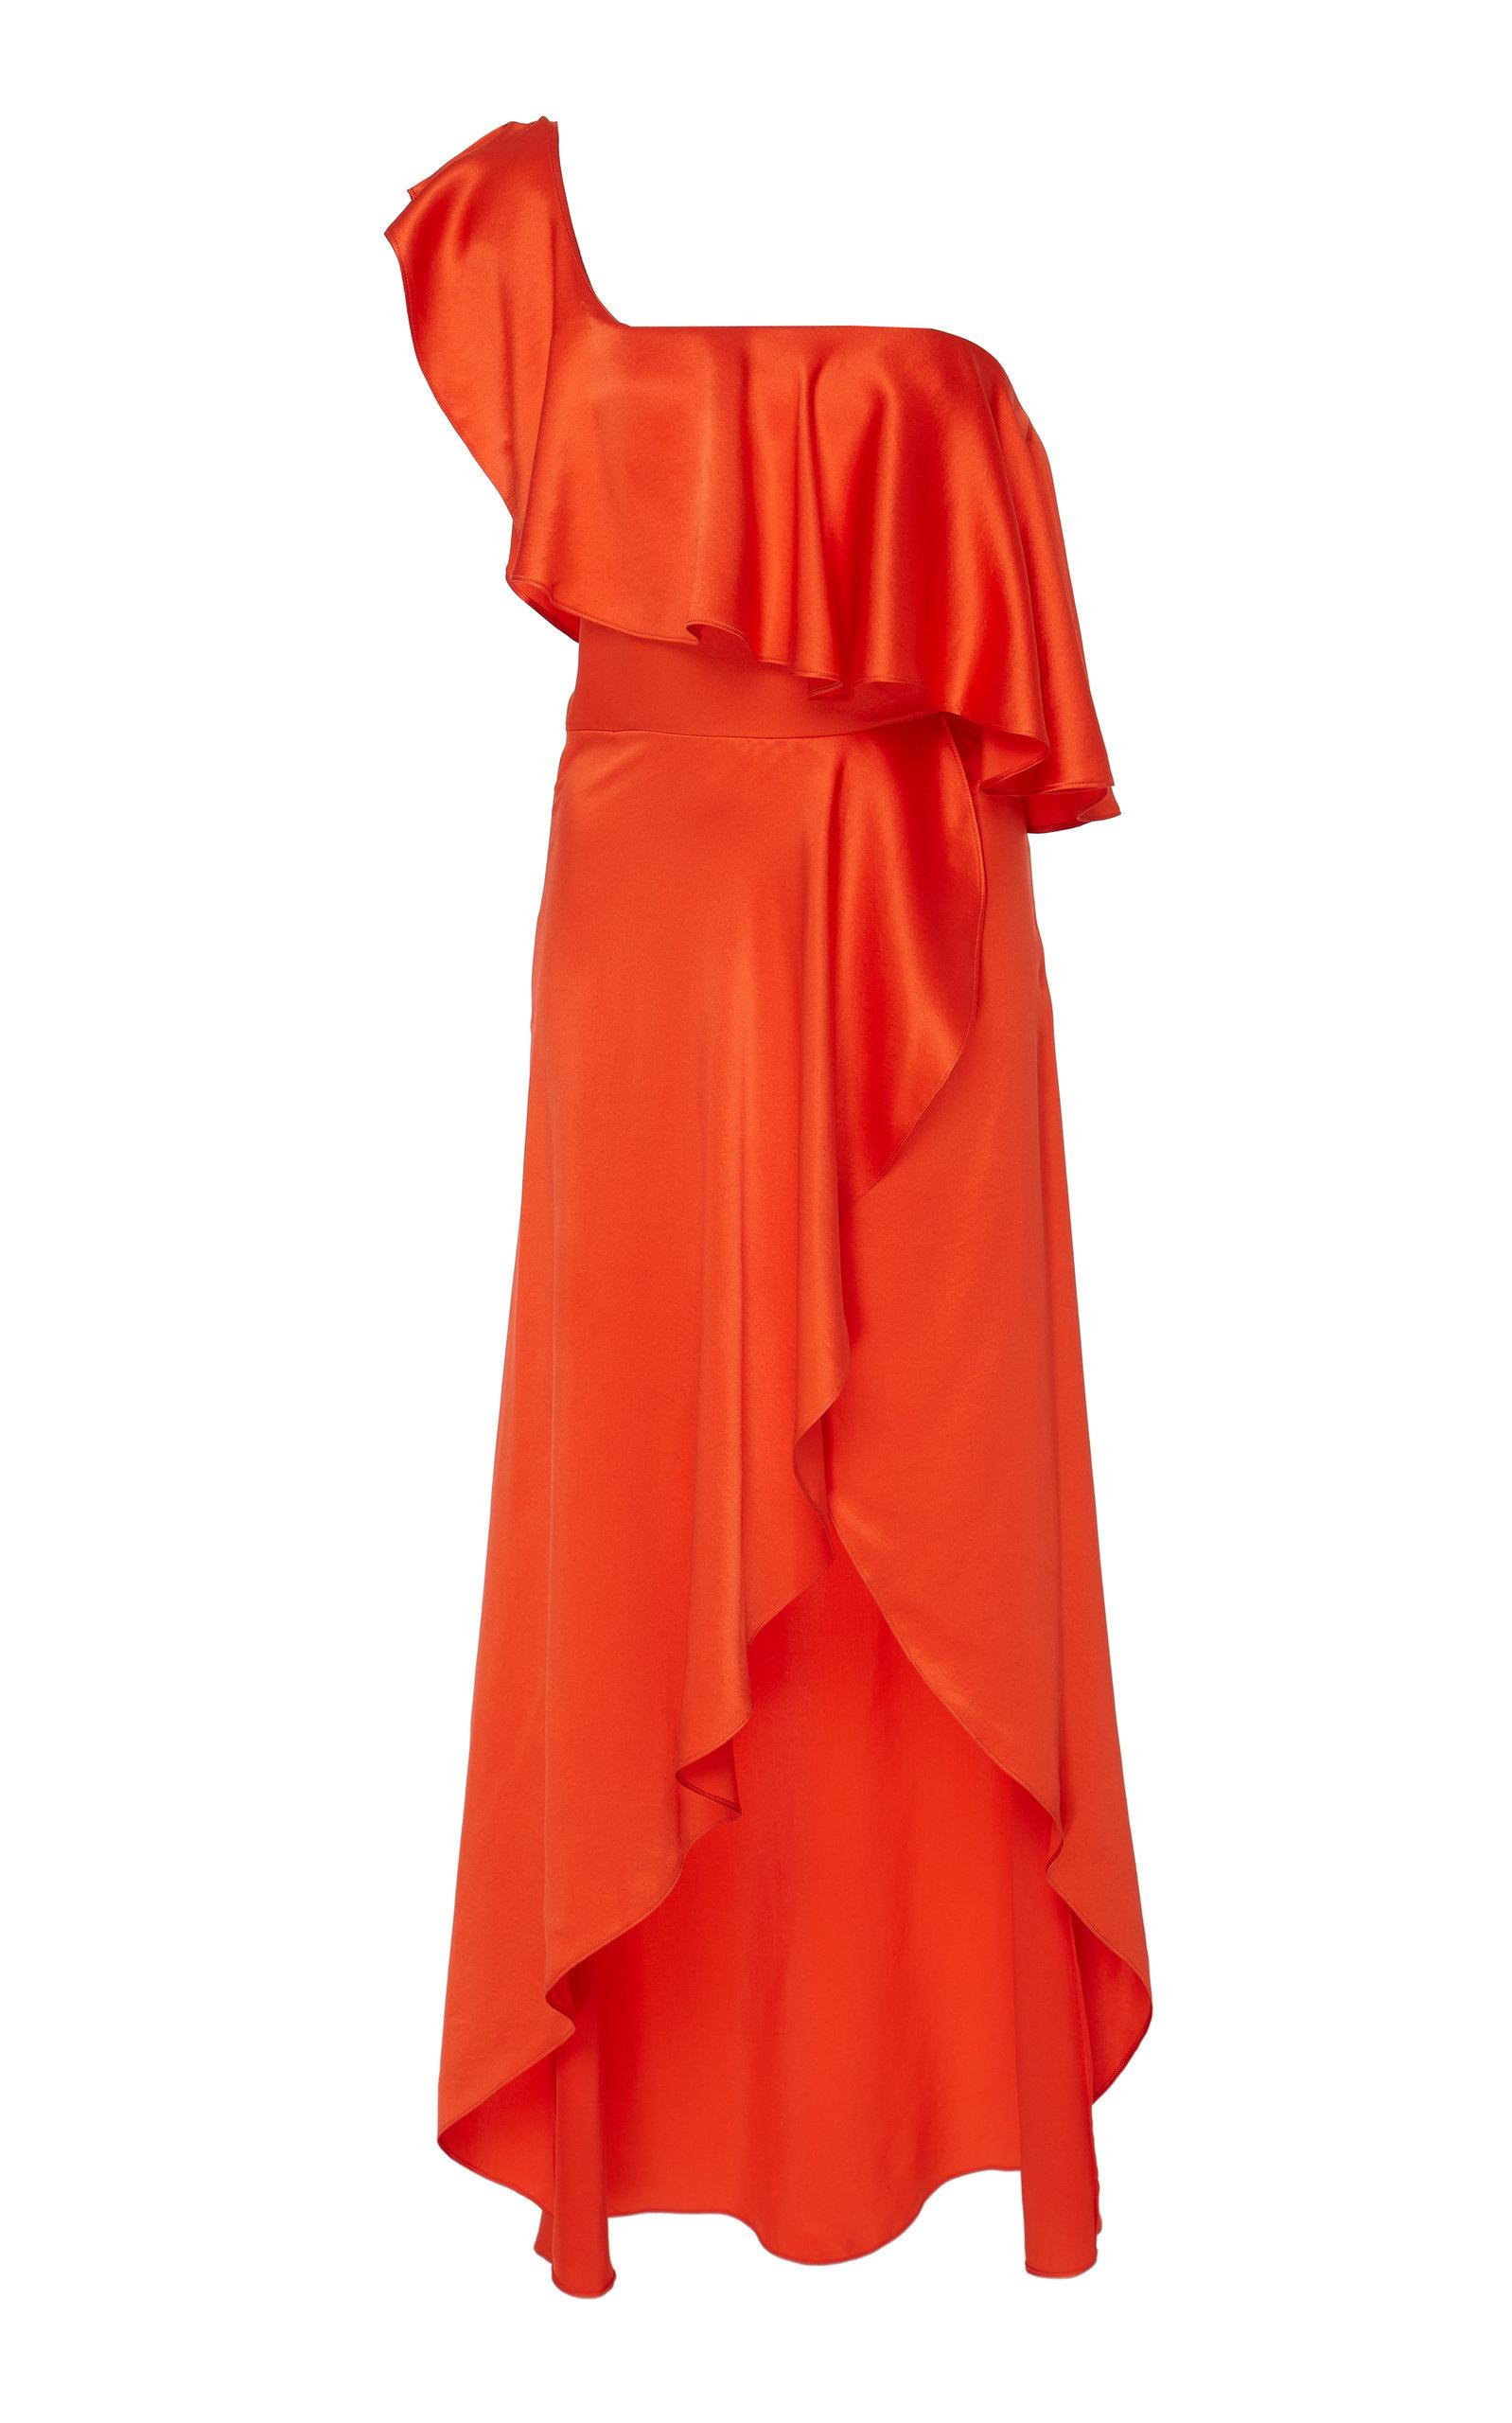 Austtyn Silk Dress